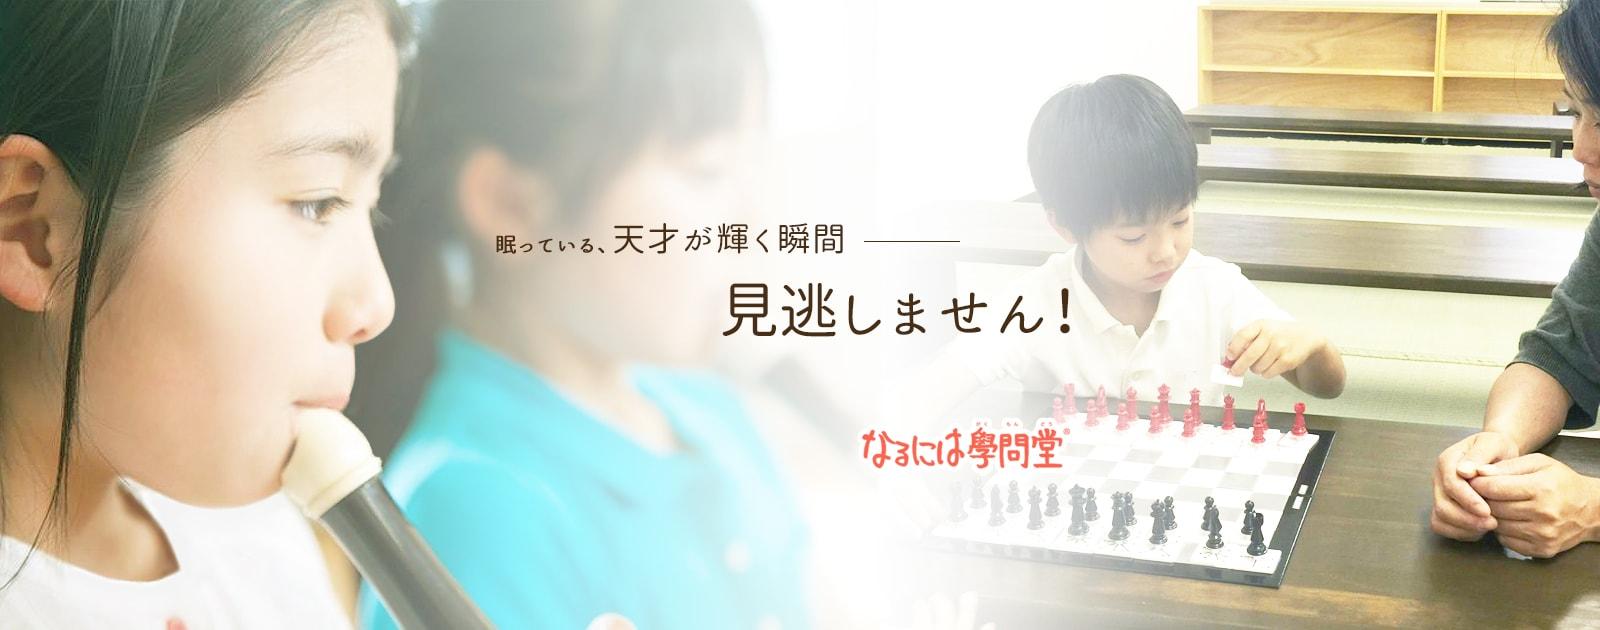 大阪梅田で学童保育をお探しなら20時まで!お預かりする 天才教育のなるには學問堂を無料体験してください!